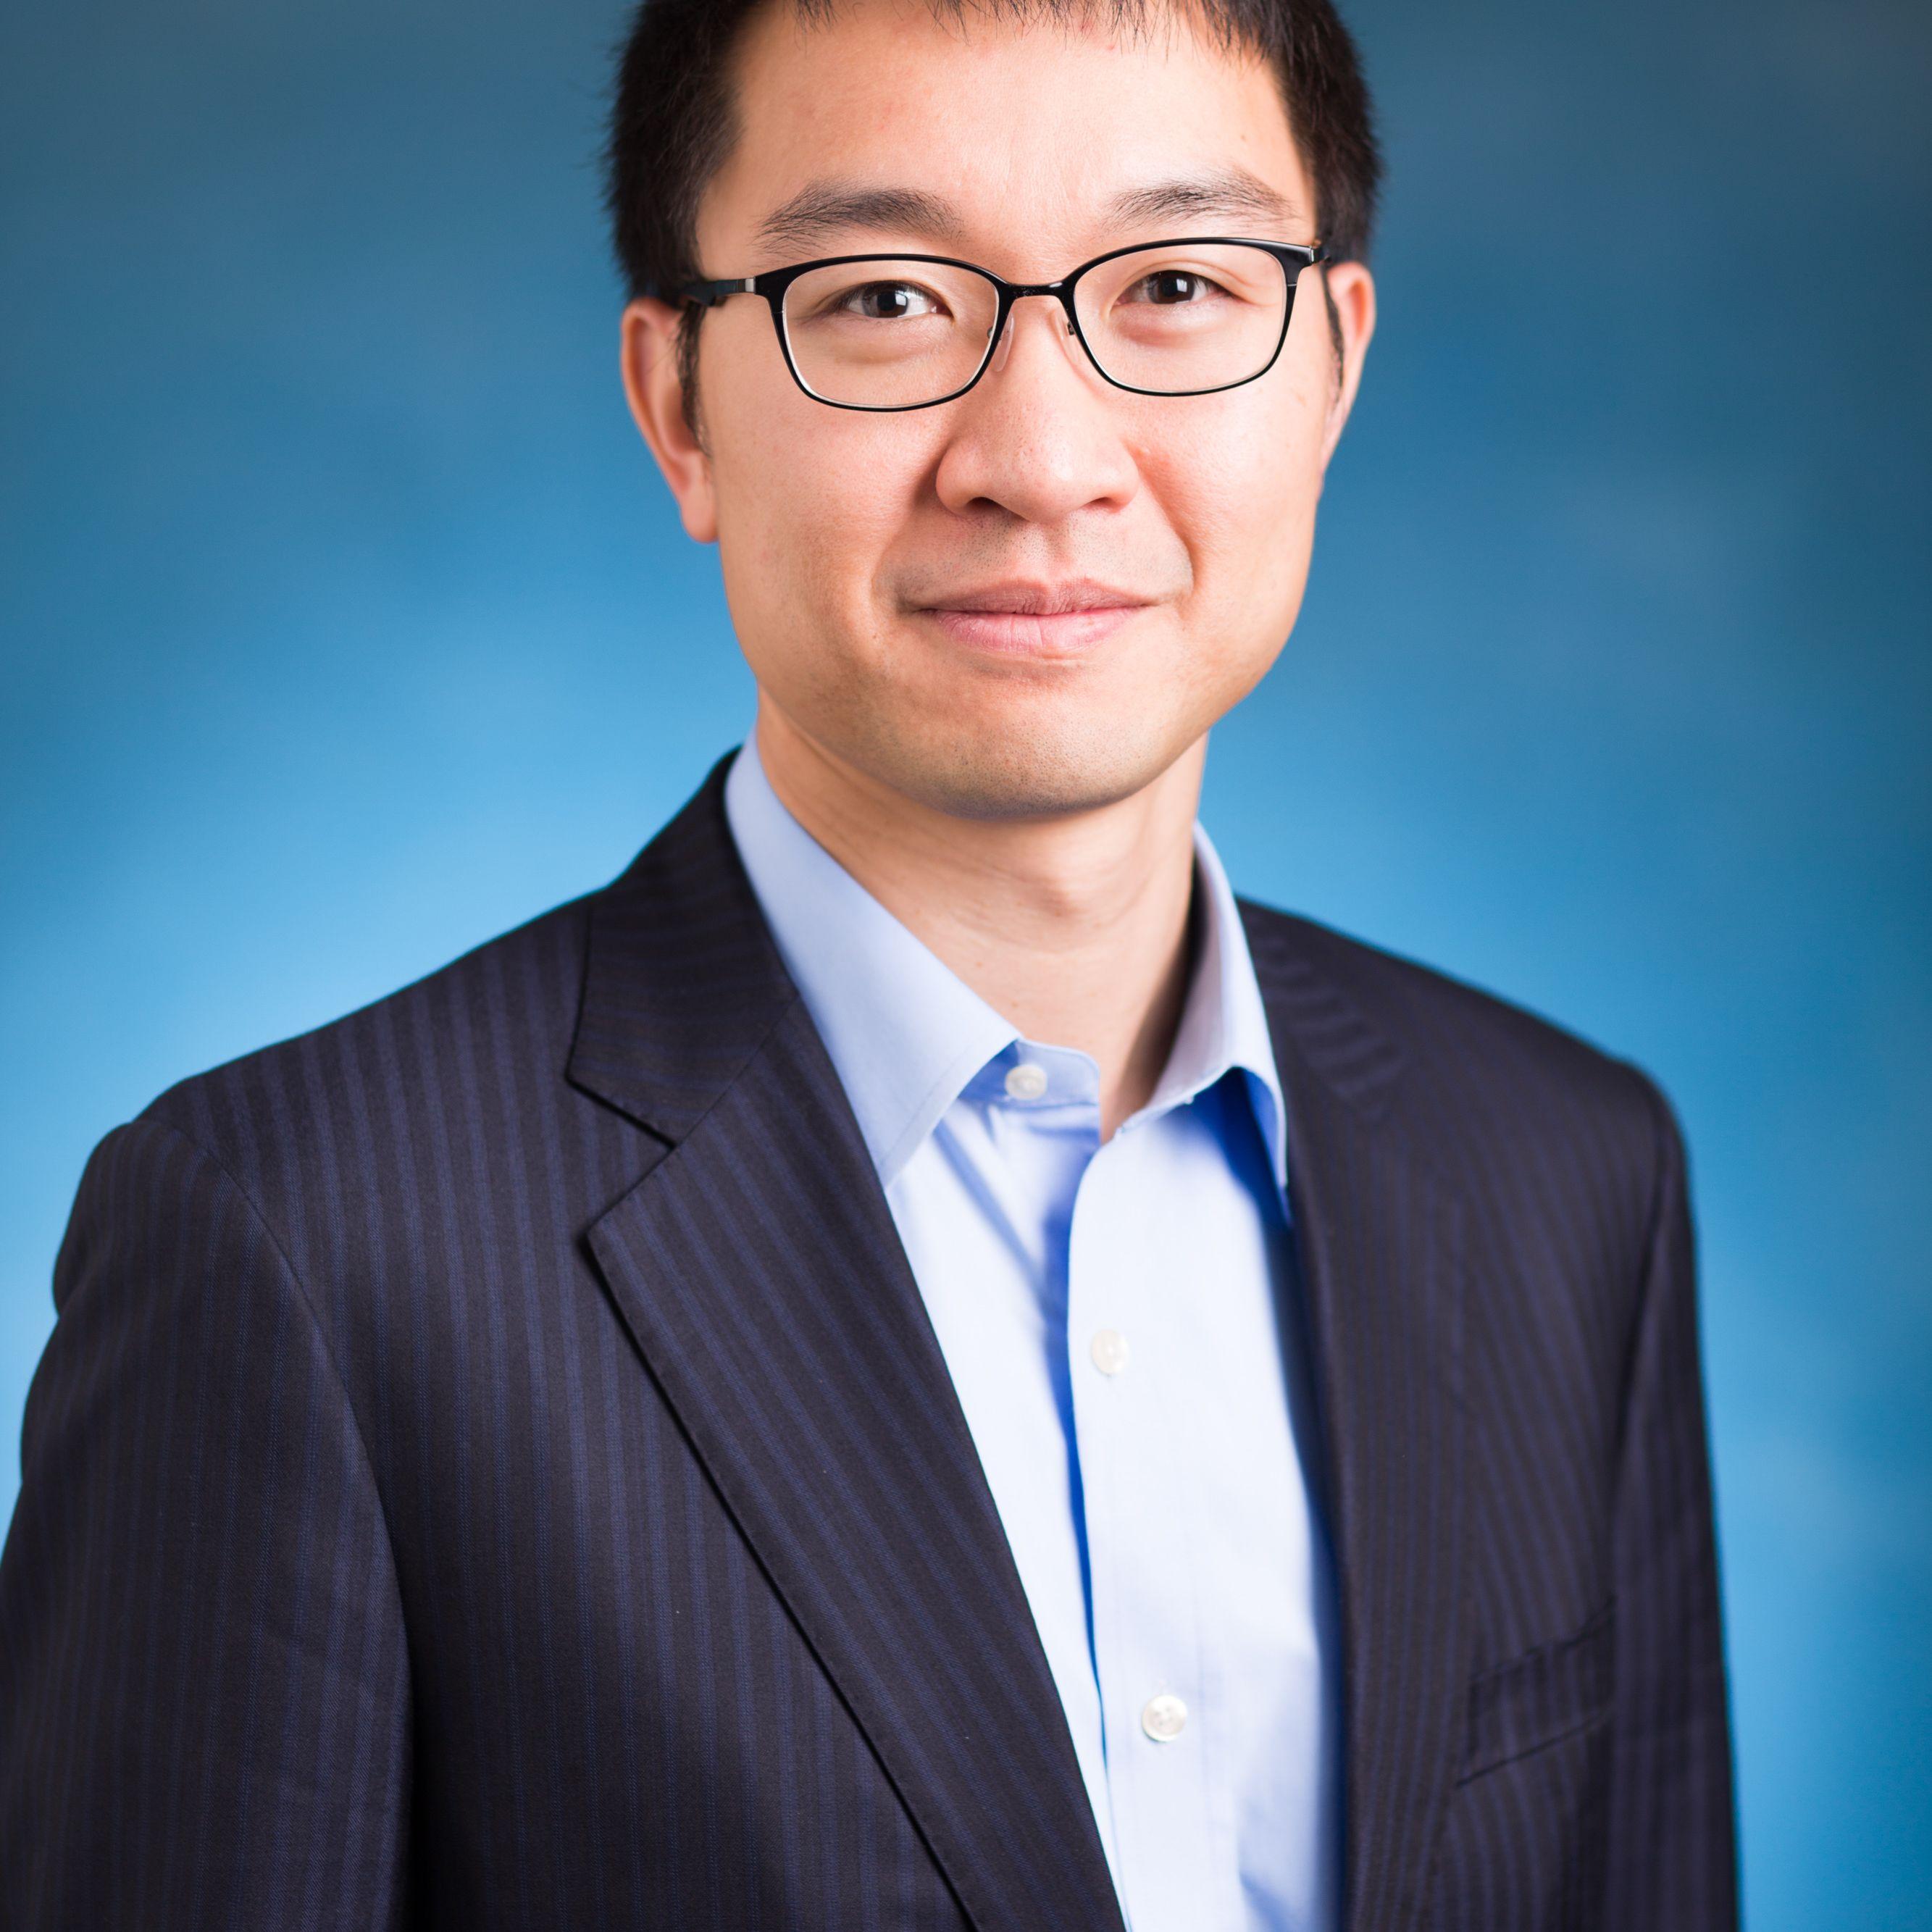 Derrick Pang